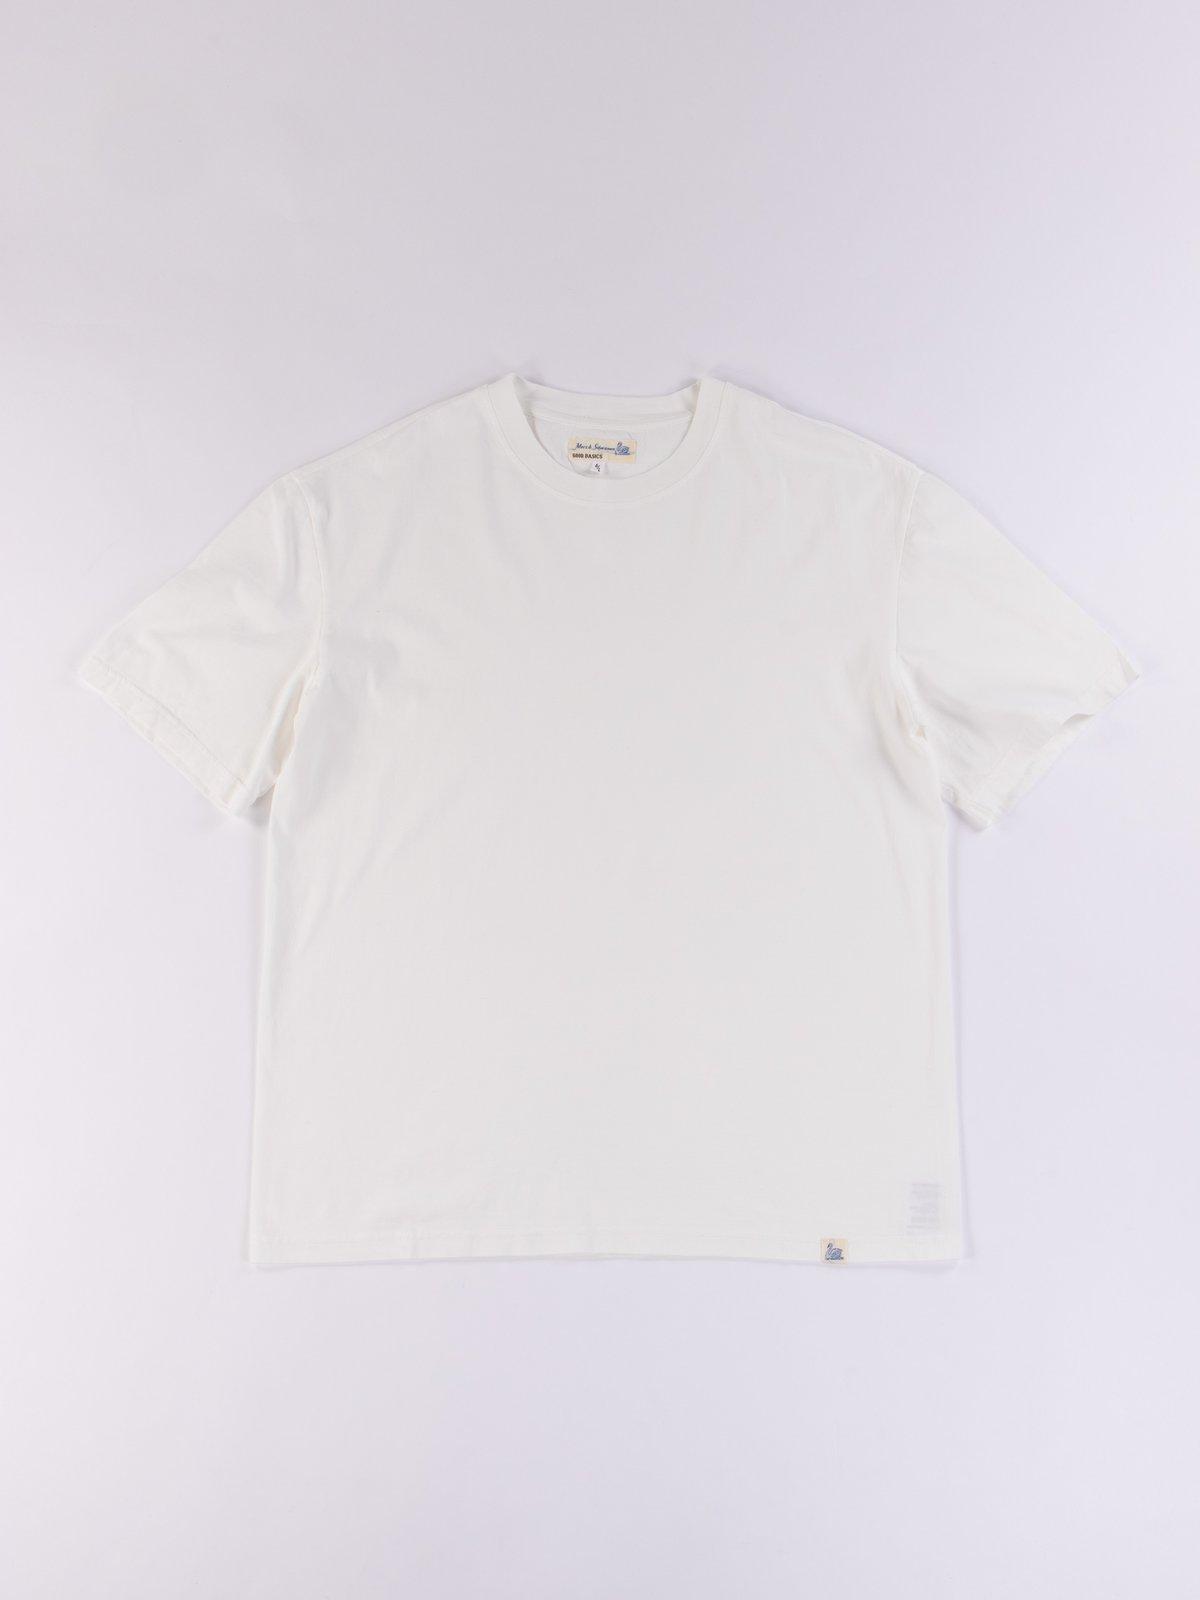 White Good Basics CTOS01 Oversized Crew Neck Tee - Image 1